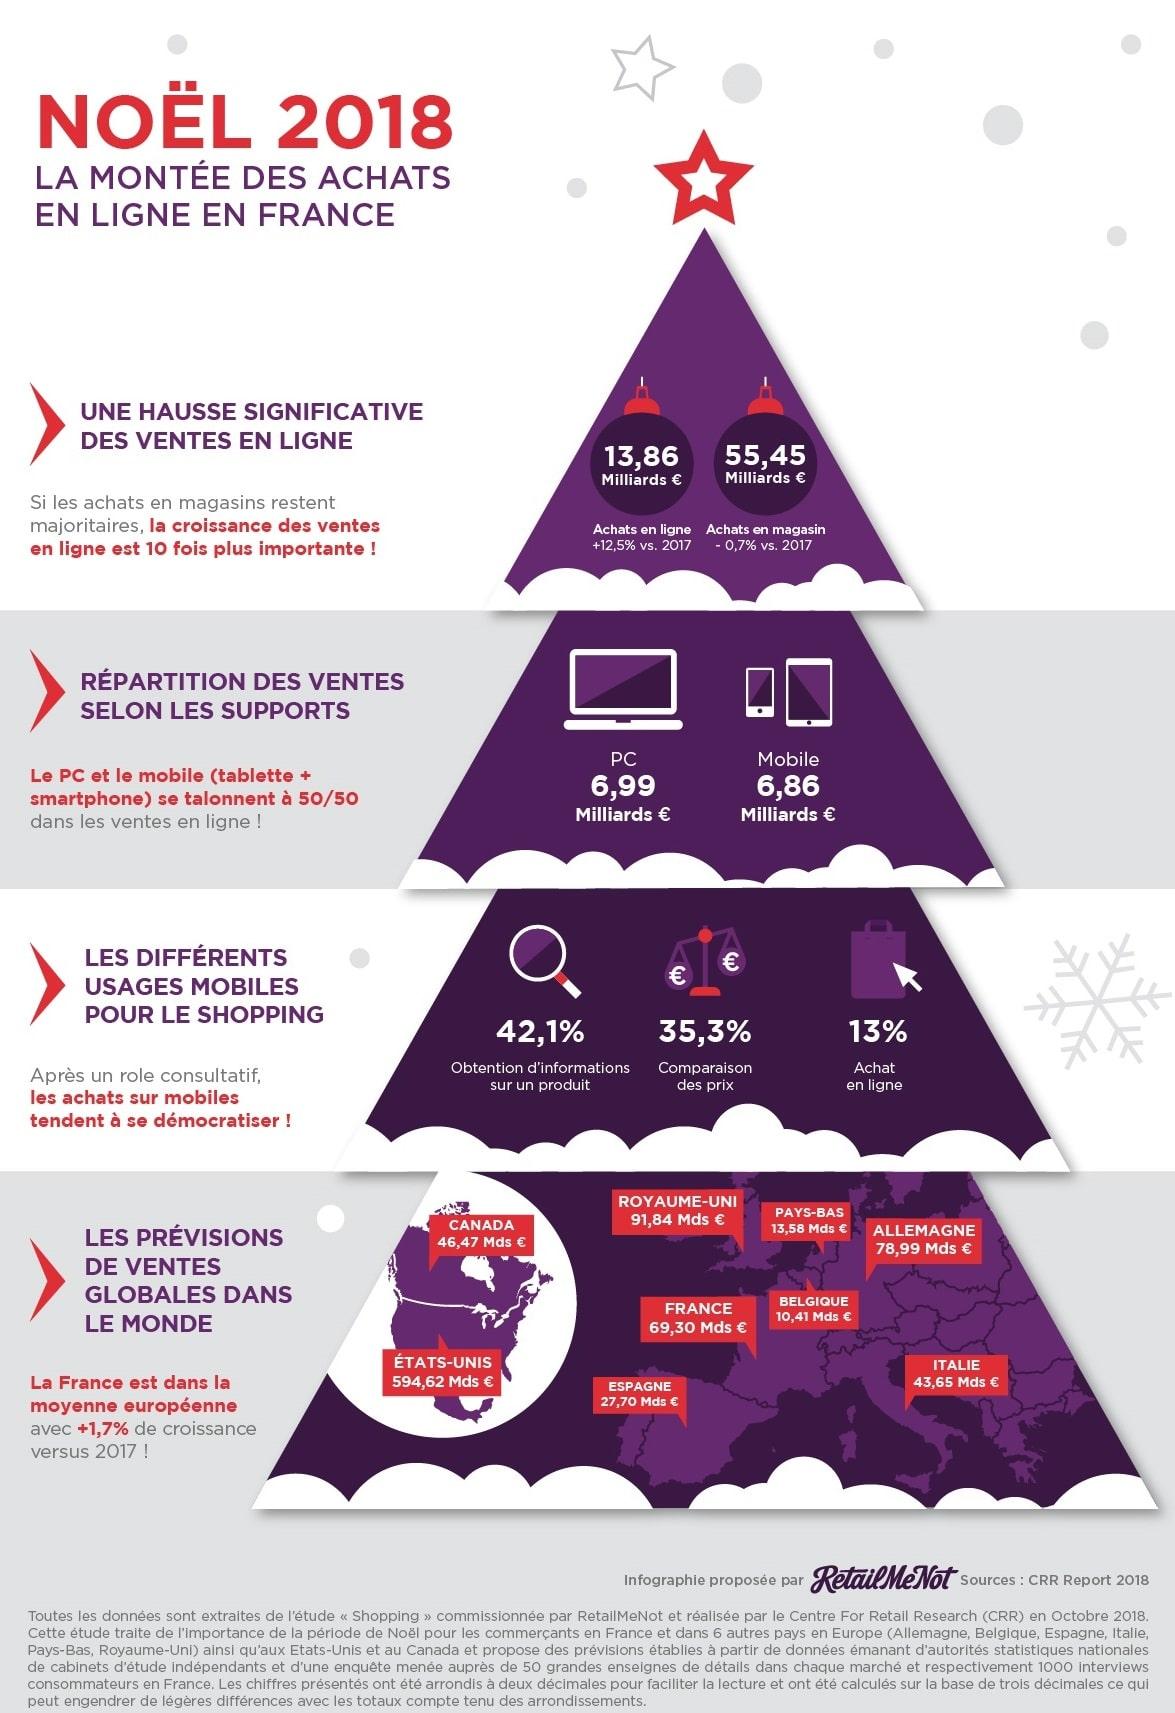 Infographie - Noël 2018 la montée des achats en ligne